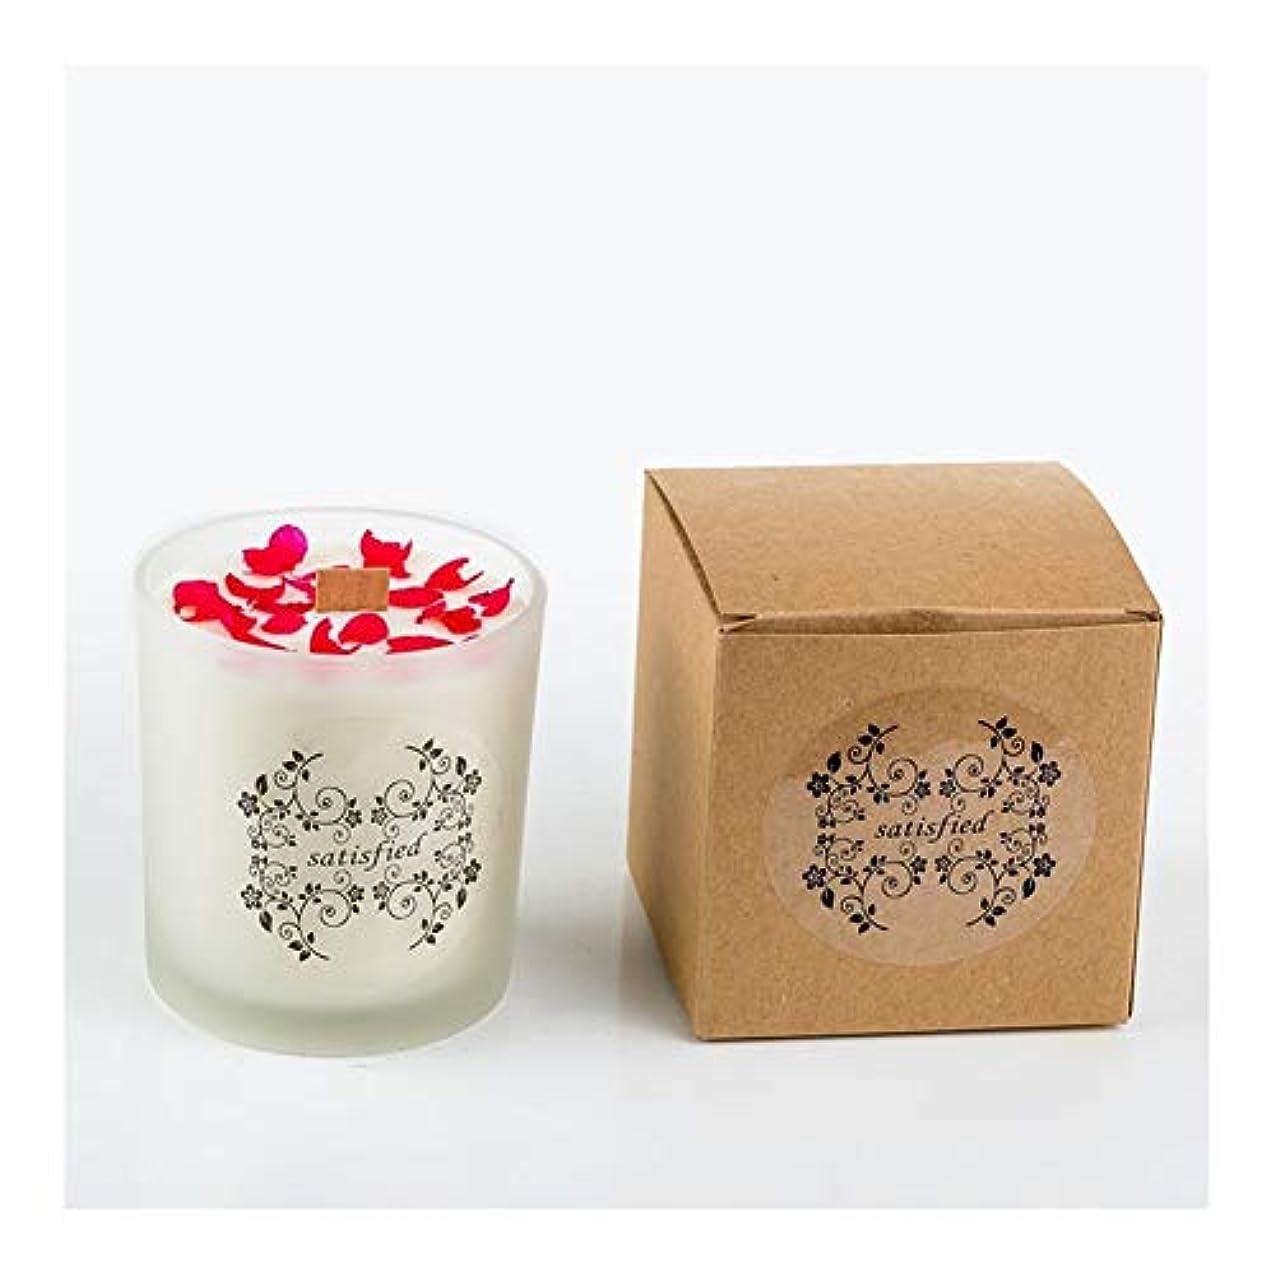 ピアースリフレッシュ棚Guomao ロマンチックな香りのキャンドルエッセンシャルオイル大豆ワックスガラスアロマセラピーロマンチックな誕生日ギフトの提案無煙の香り (色 : Blackberries)